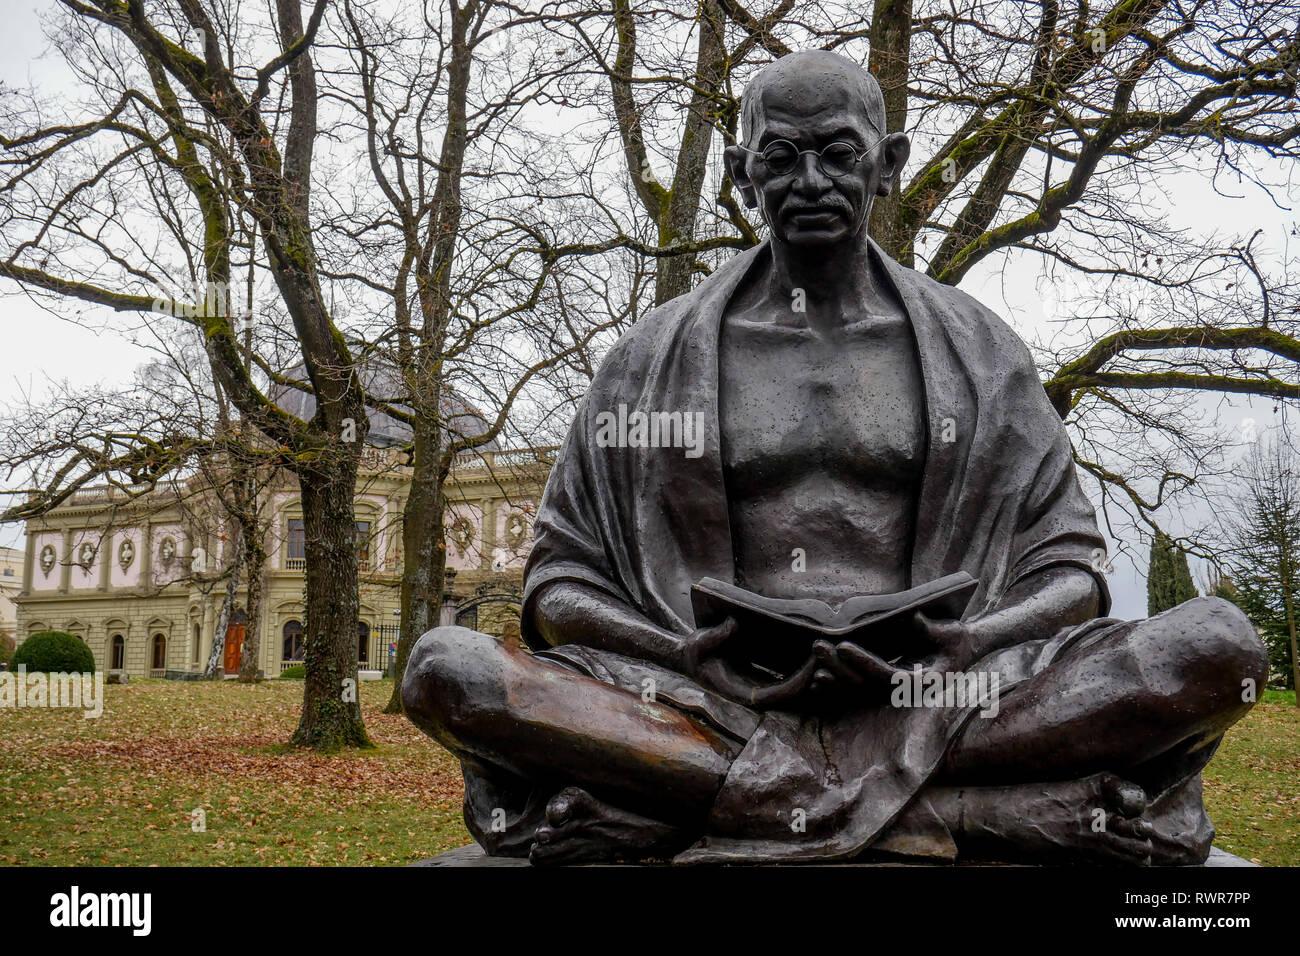 Statue de Gandhi, Genève, Suisse Banque D'Images